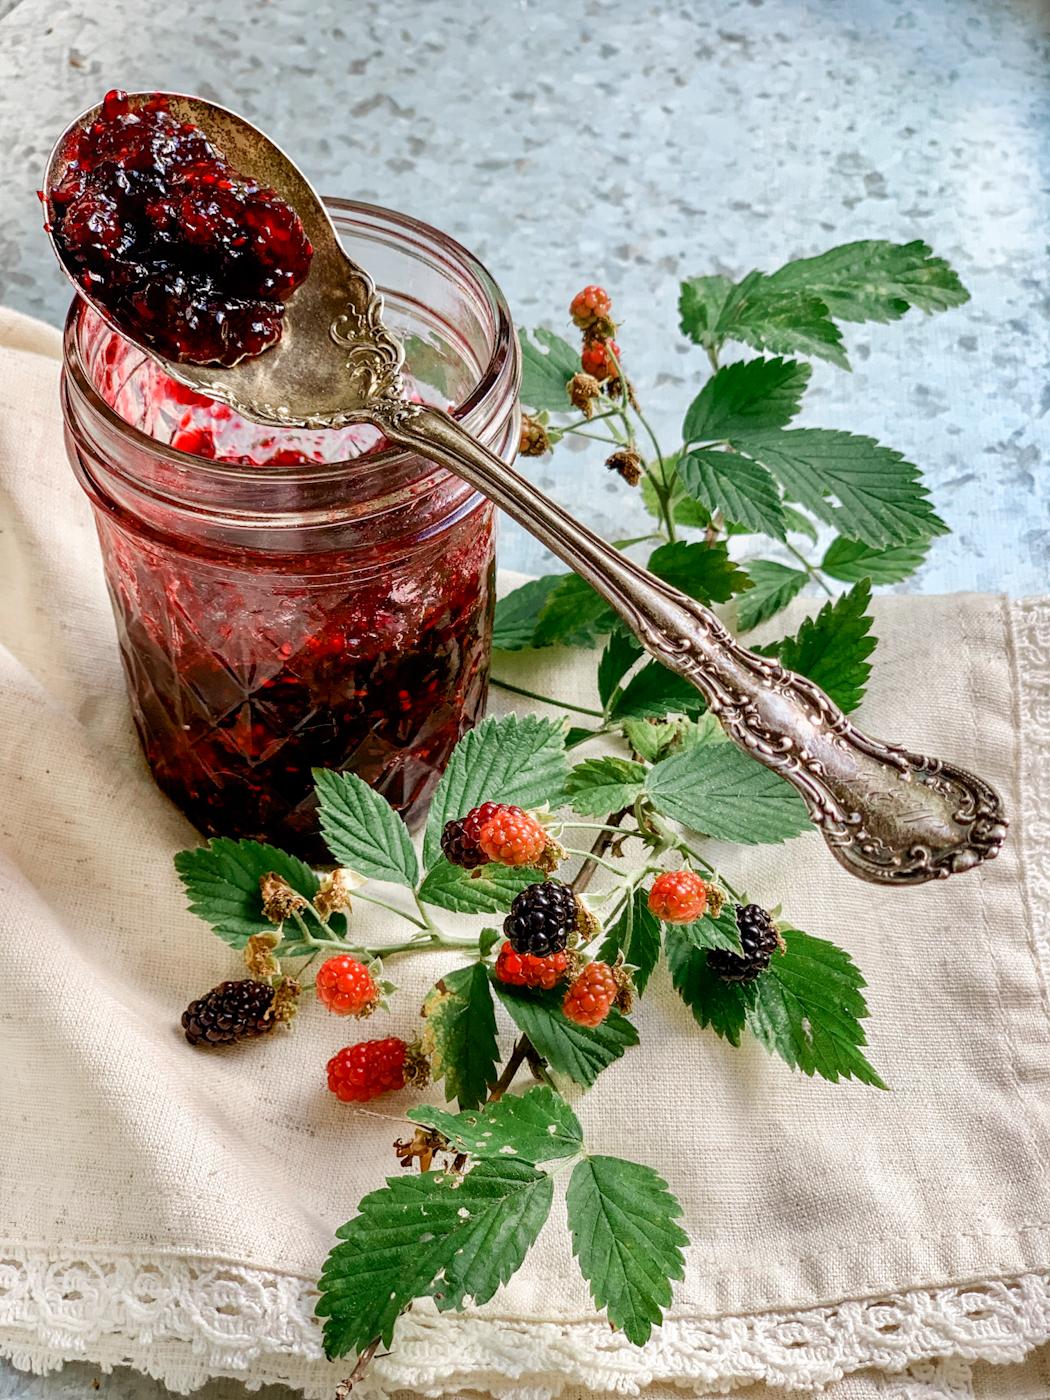 Easy Small Batch One Jar Wild Blackberry Jam Recipe